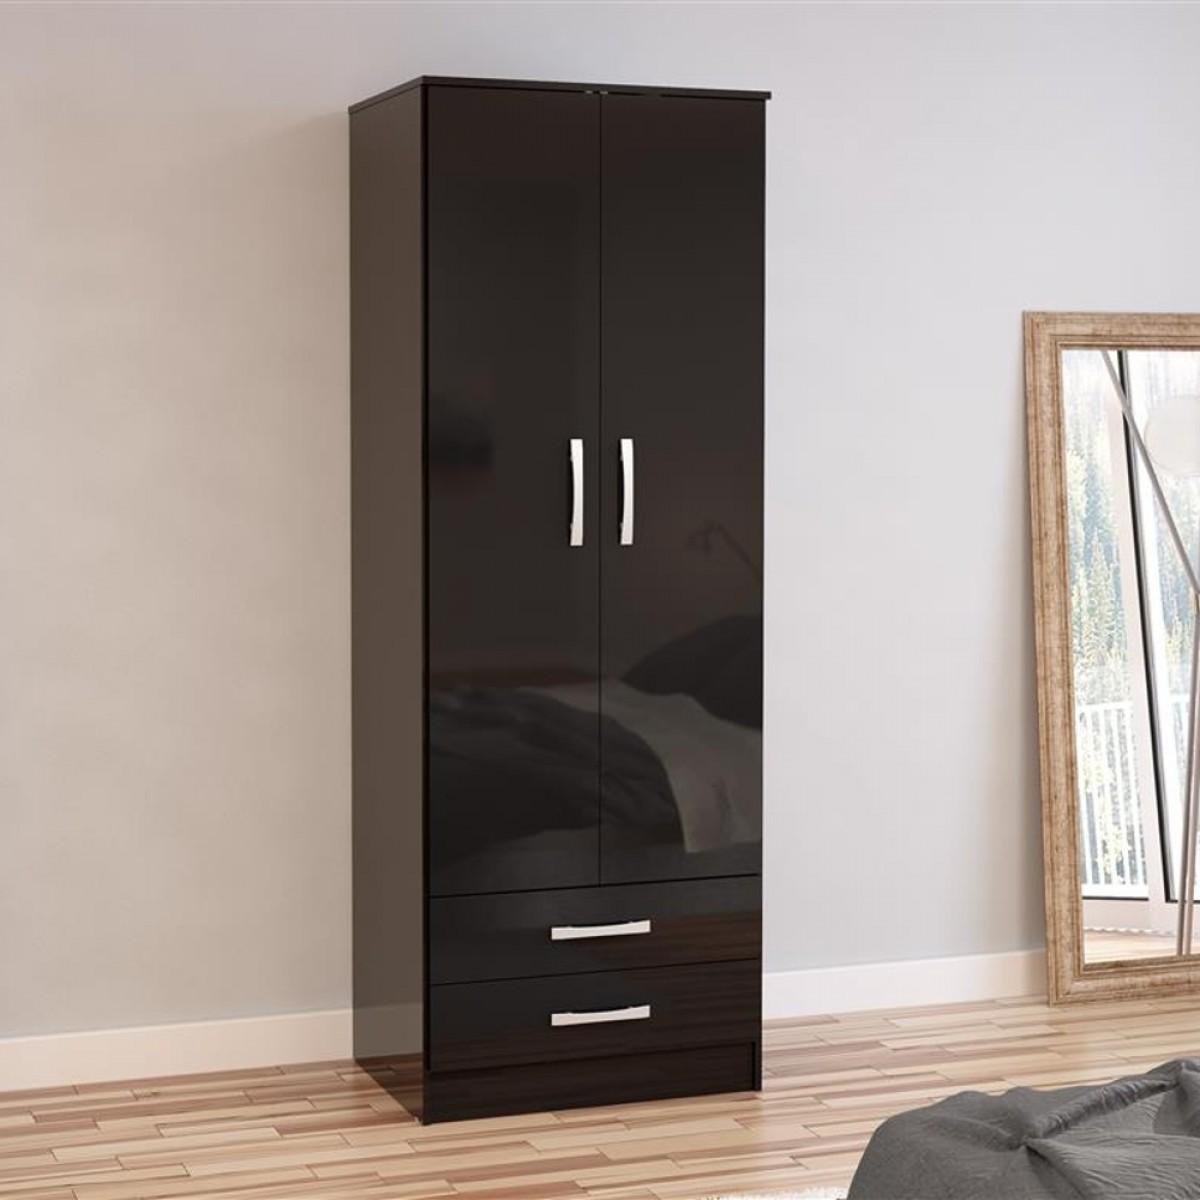 Lynx 2 Door Combination Wardrobe Black